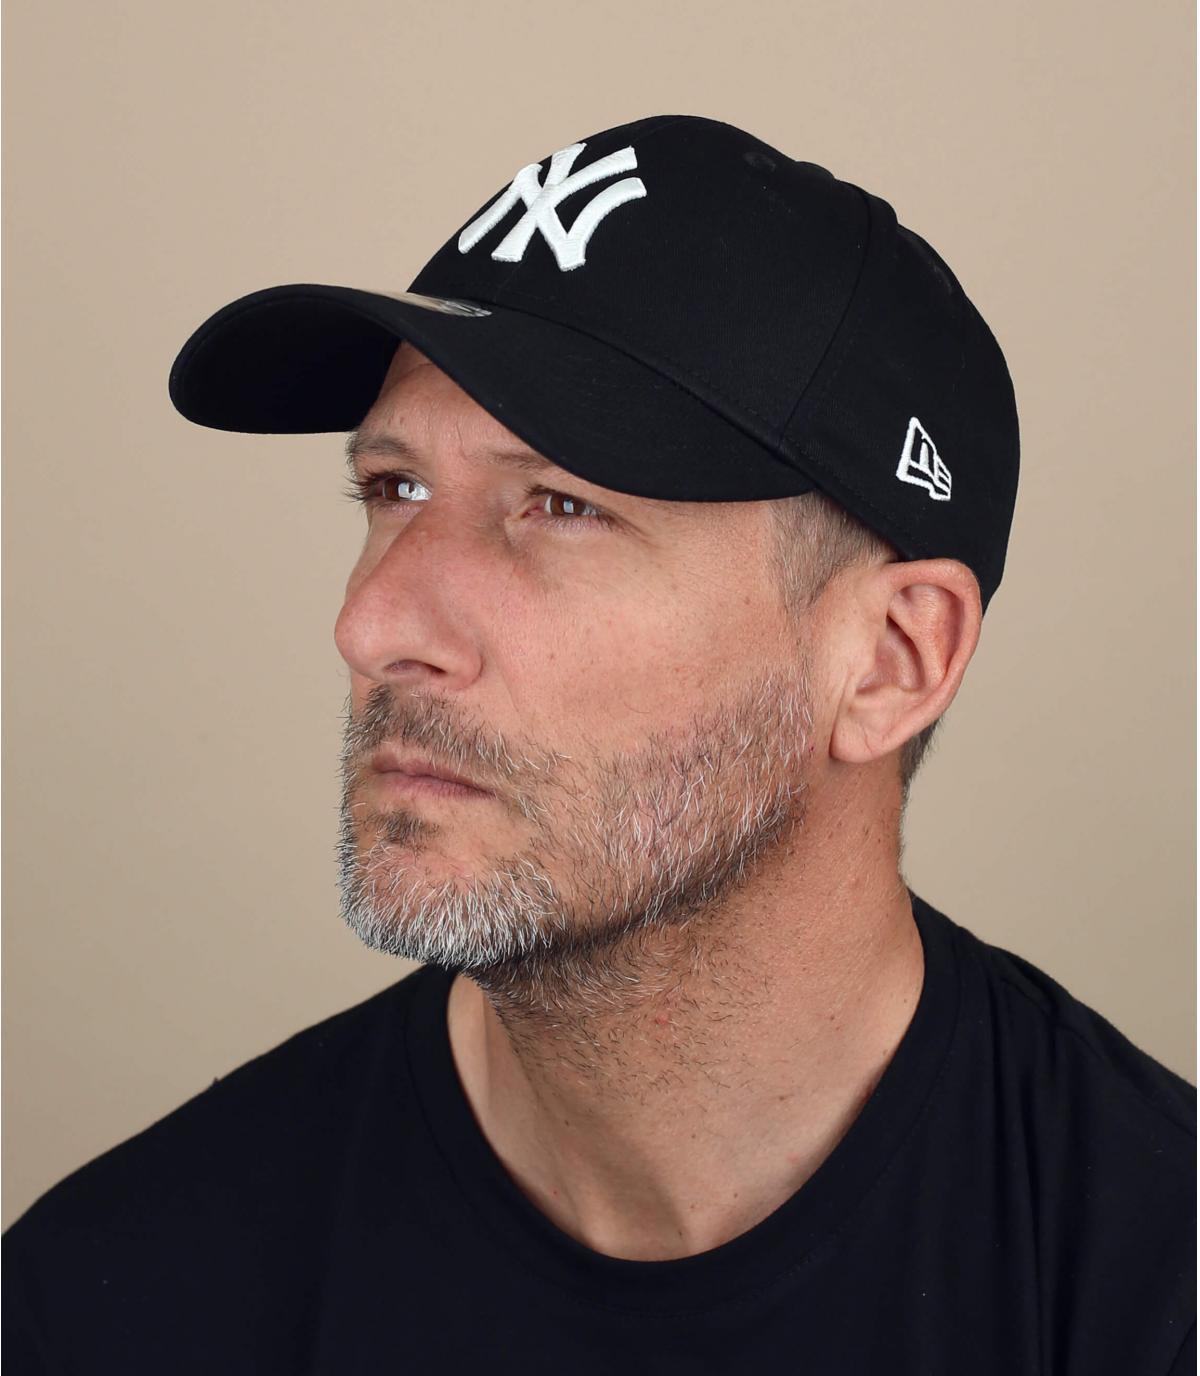 Gorra NY - Compra venta de Gorras NY. Primera sombrerería en línea ... 8bcb295454c5